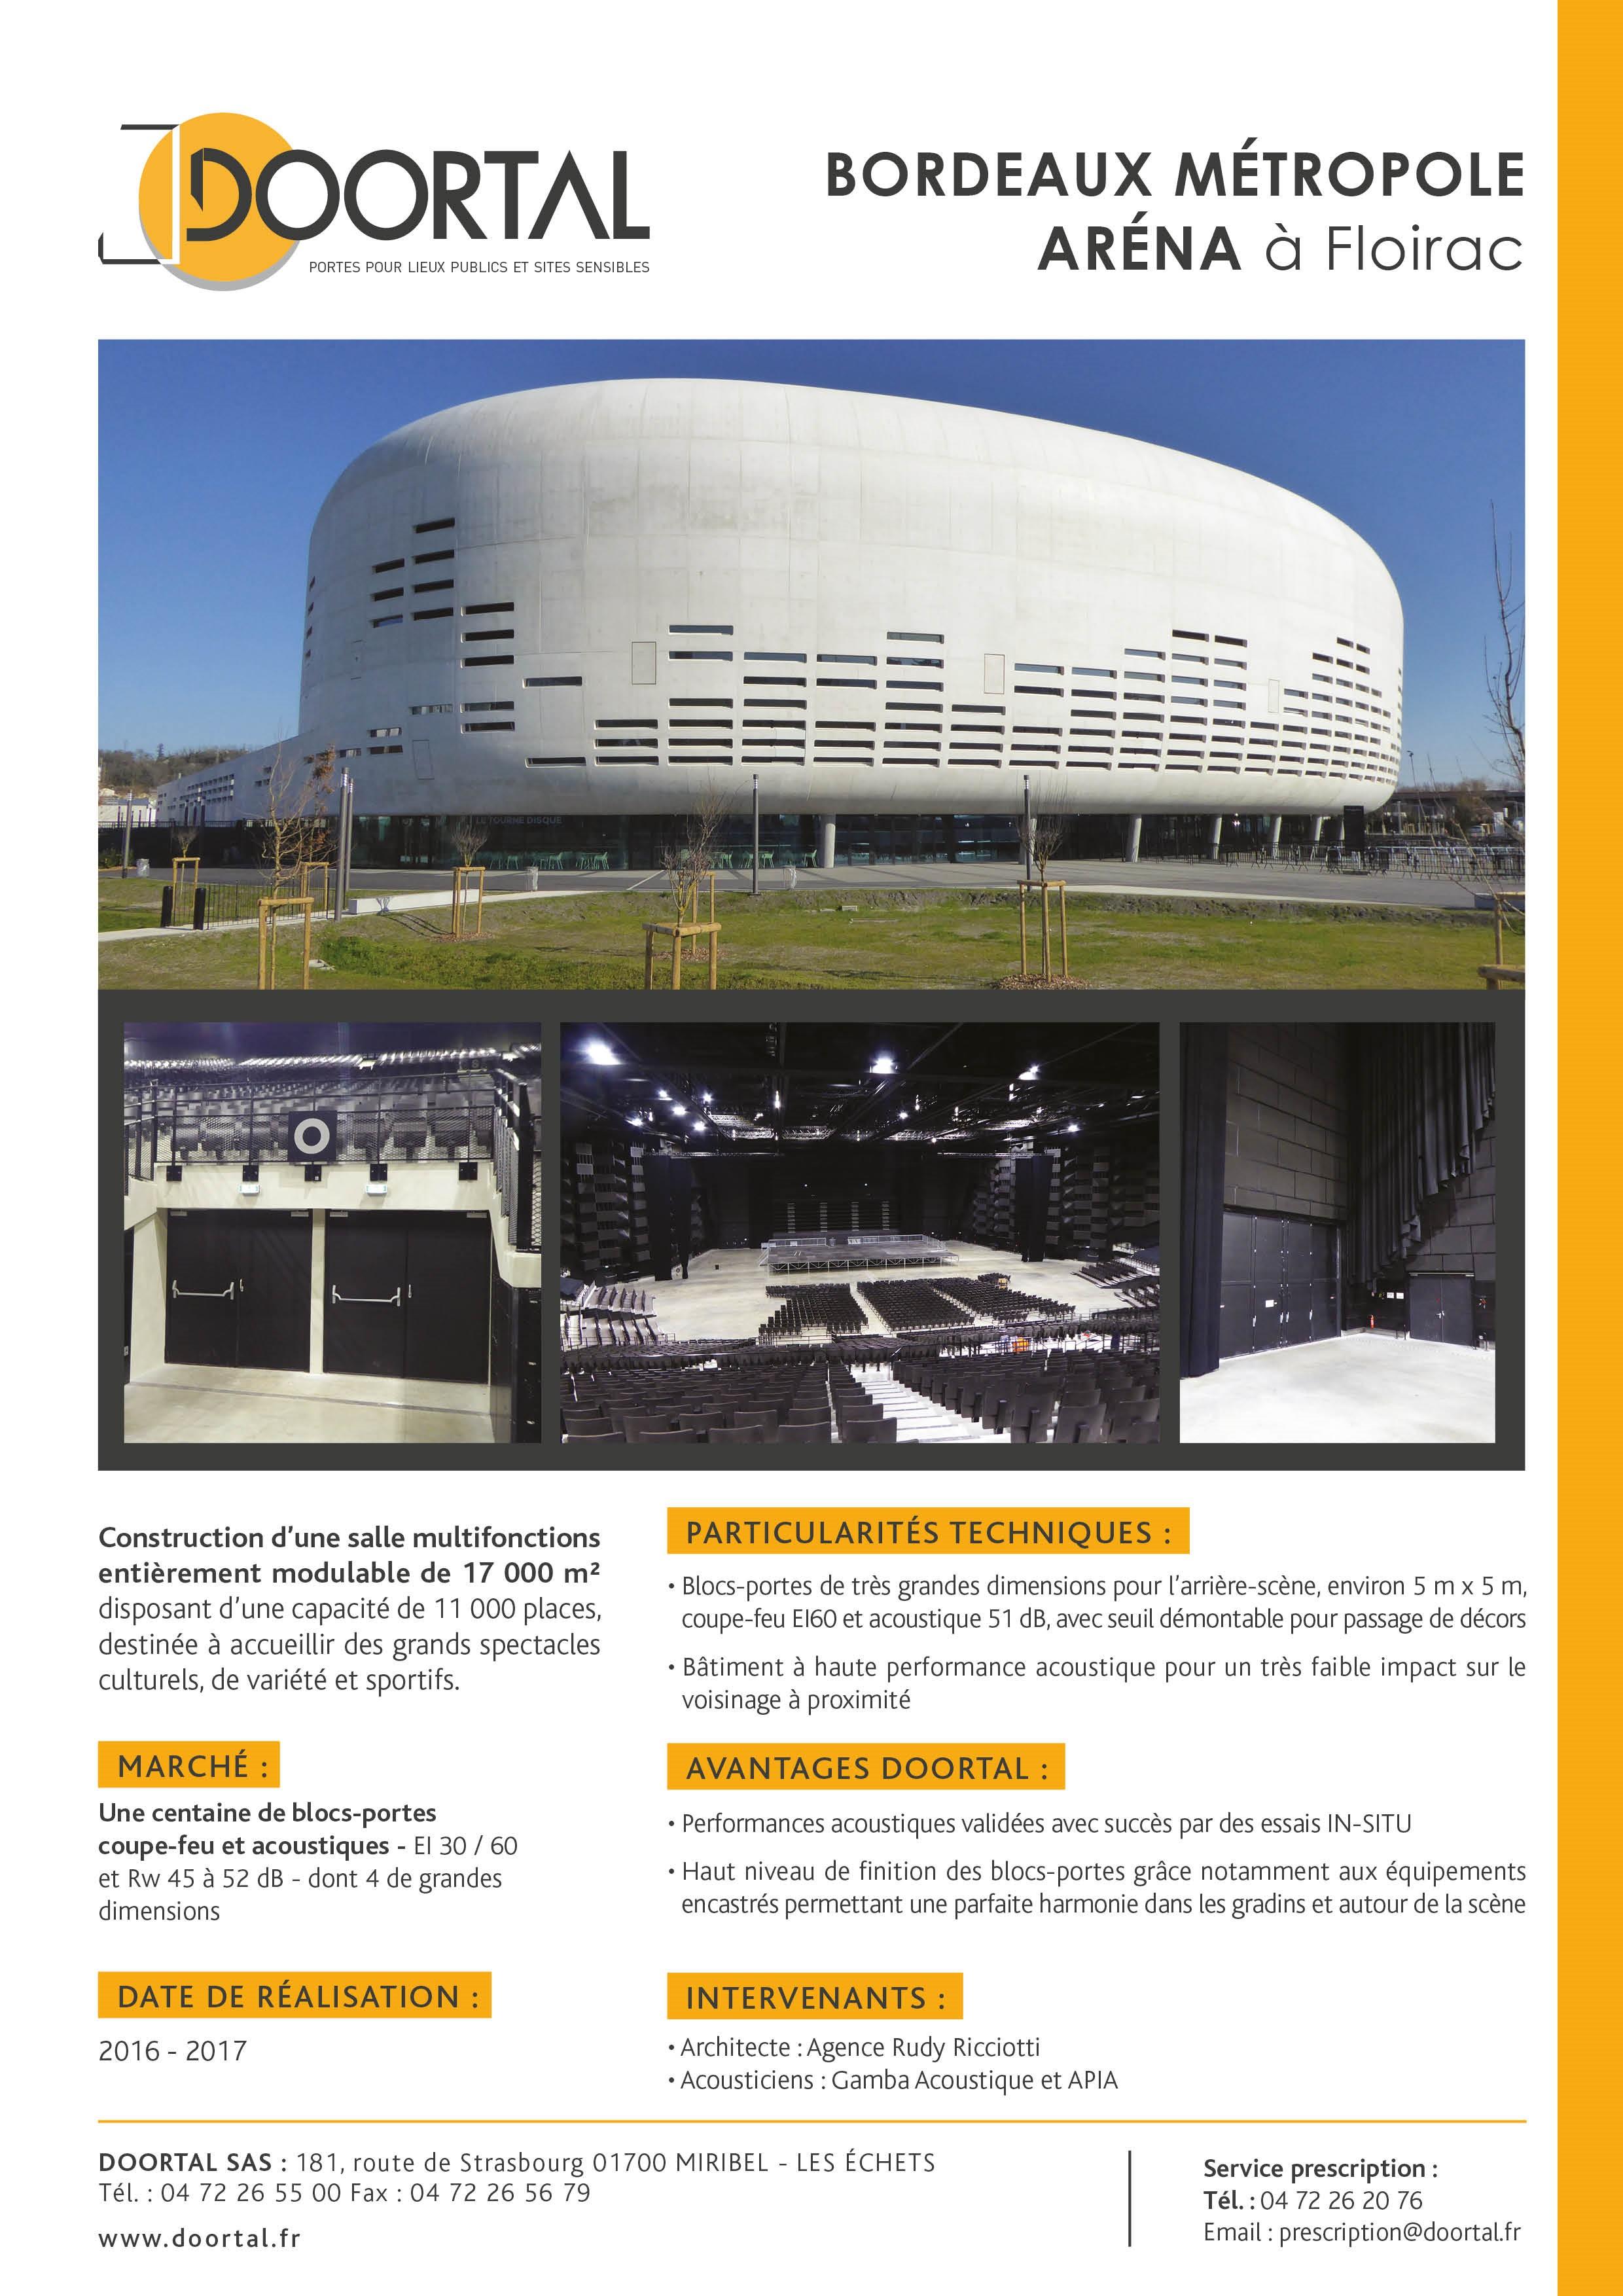 Fiche Bordeaux Métropole Arena